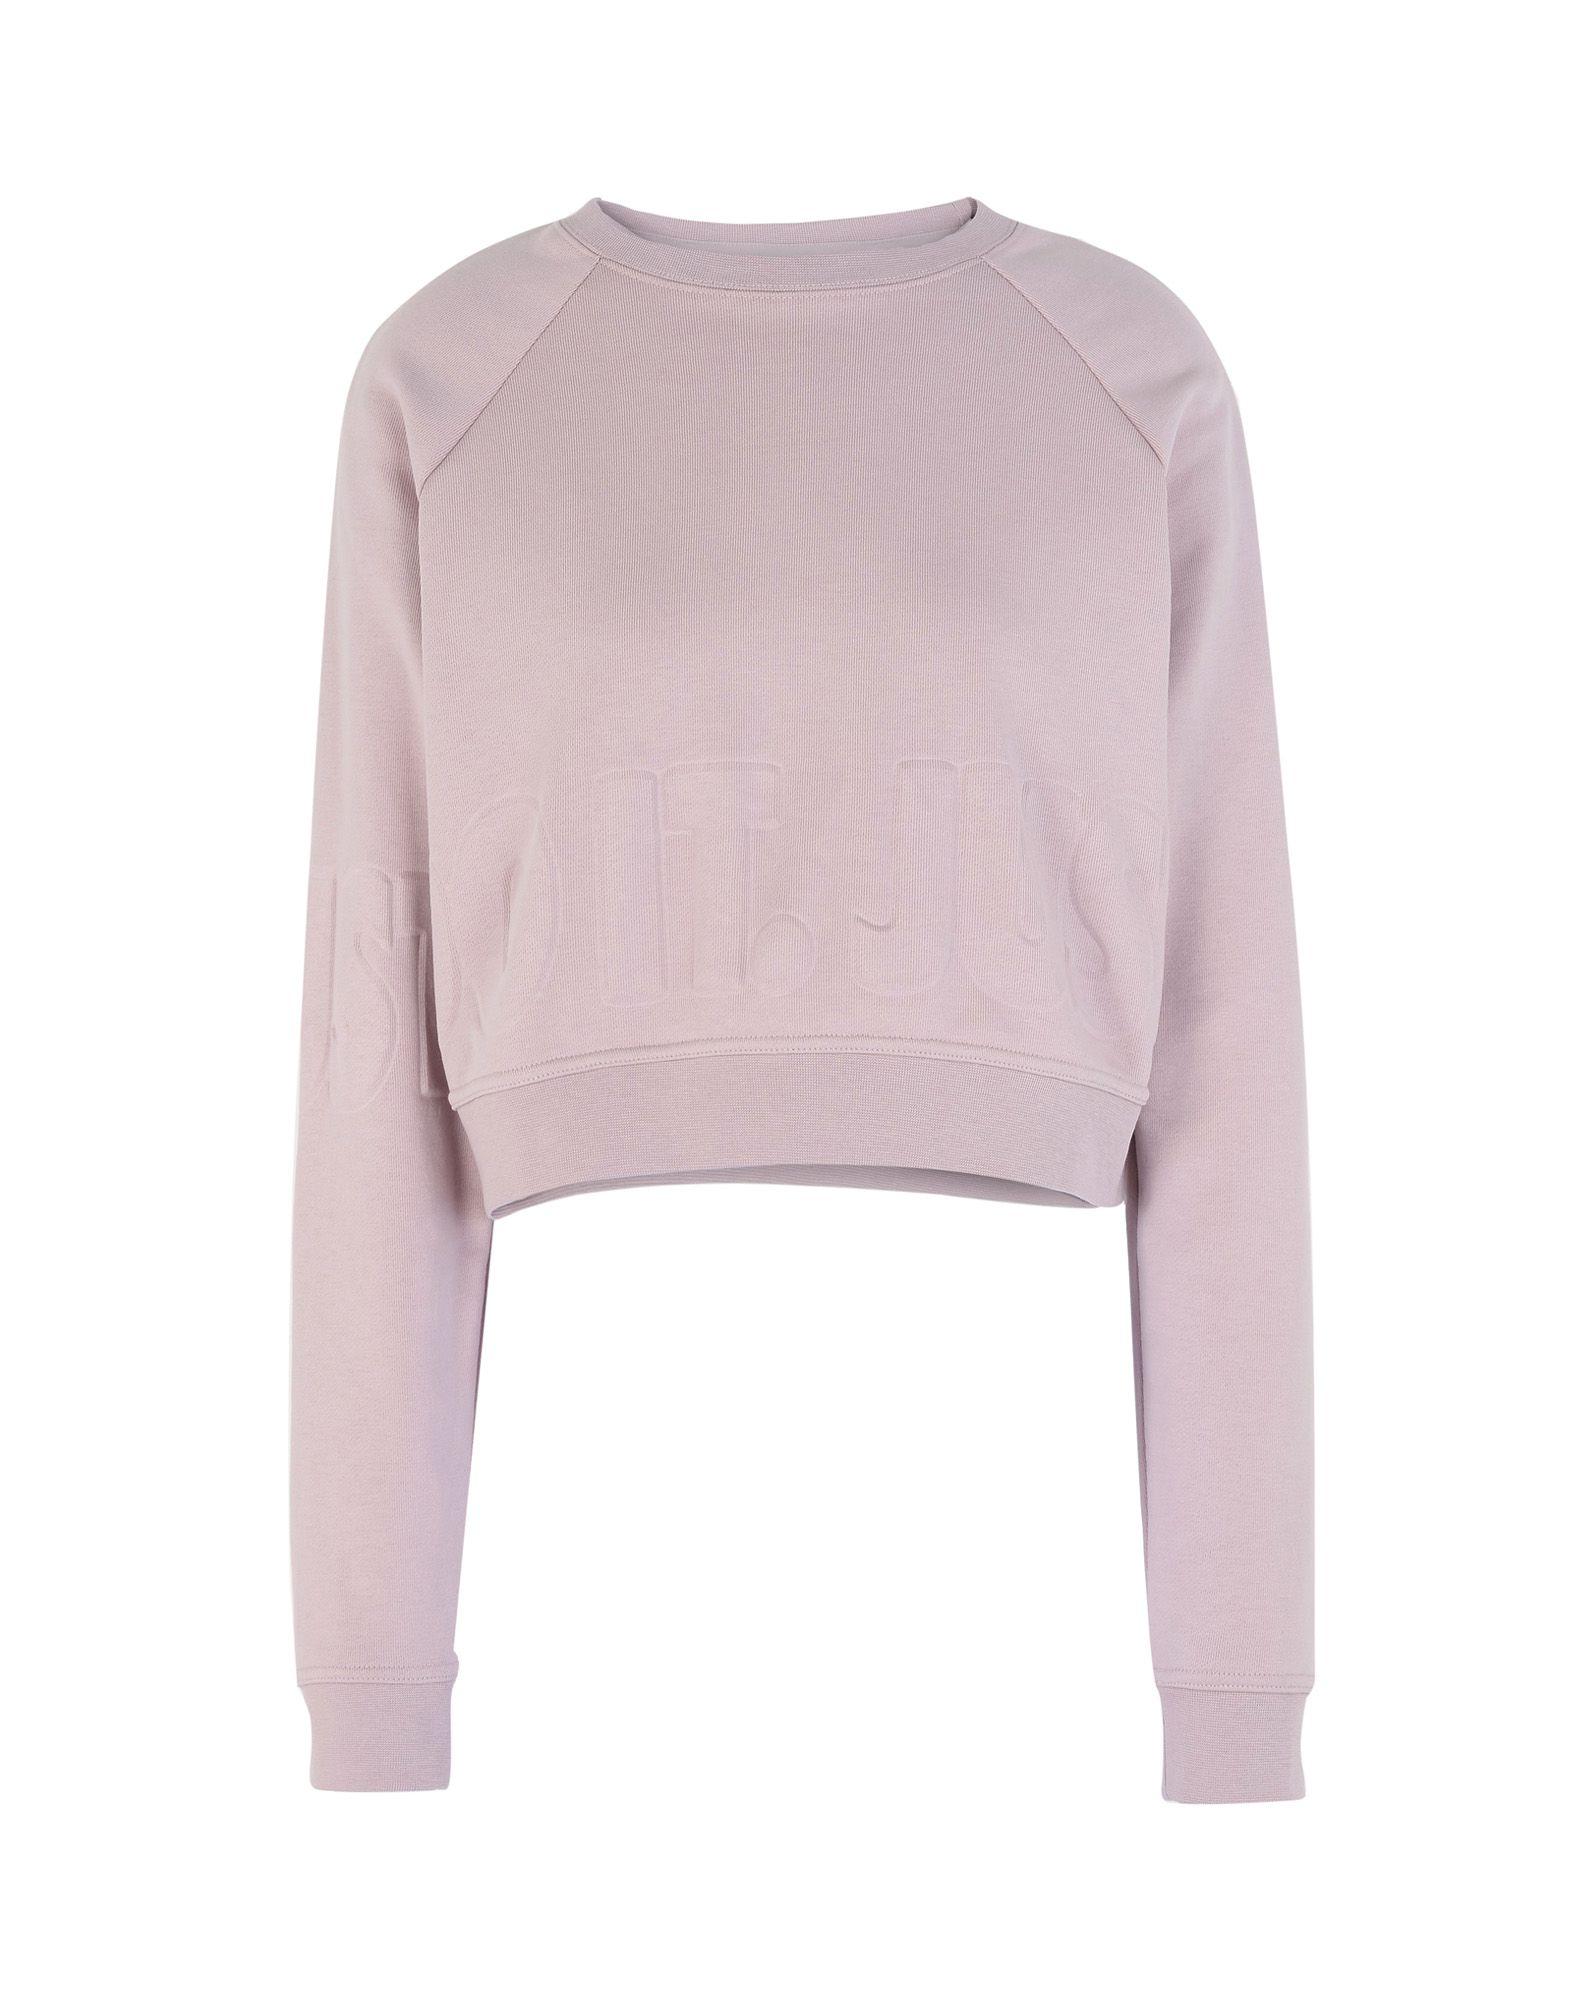 meet d4bc5 a911f NIKE Sweatshirt - Jumpers and Sweatshirts | YOOX.COM